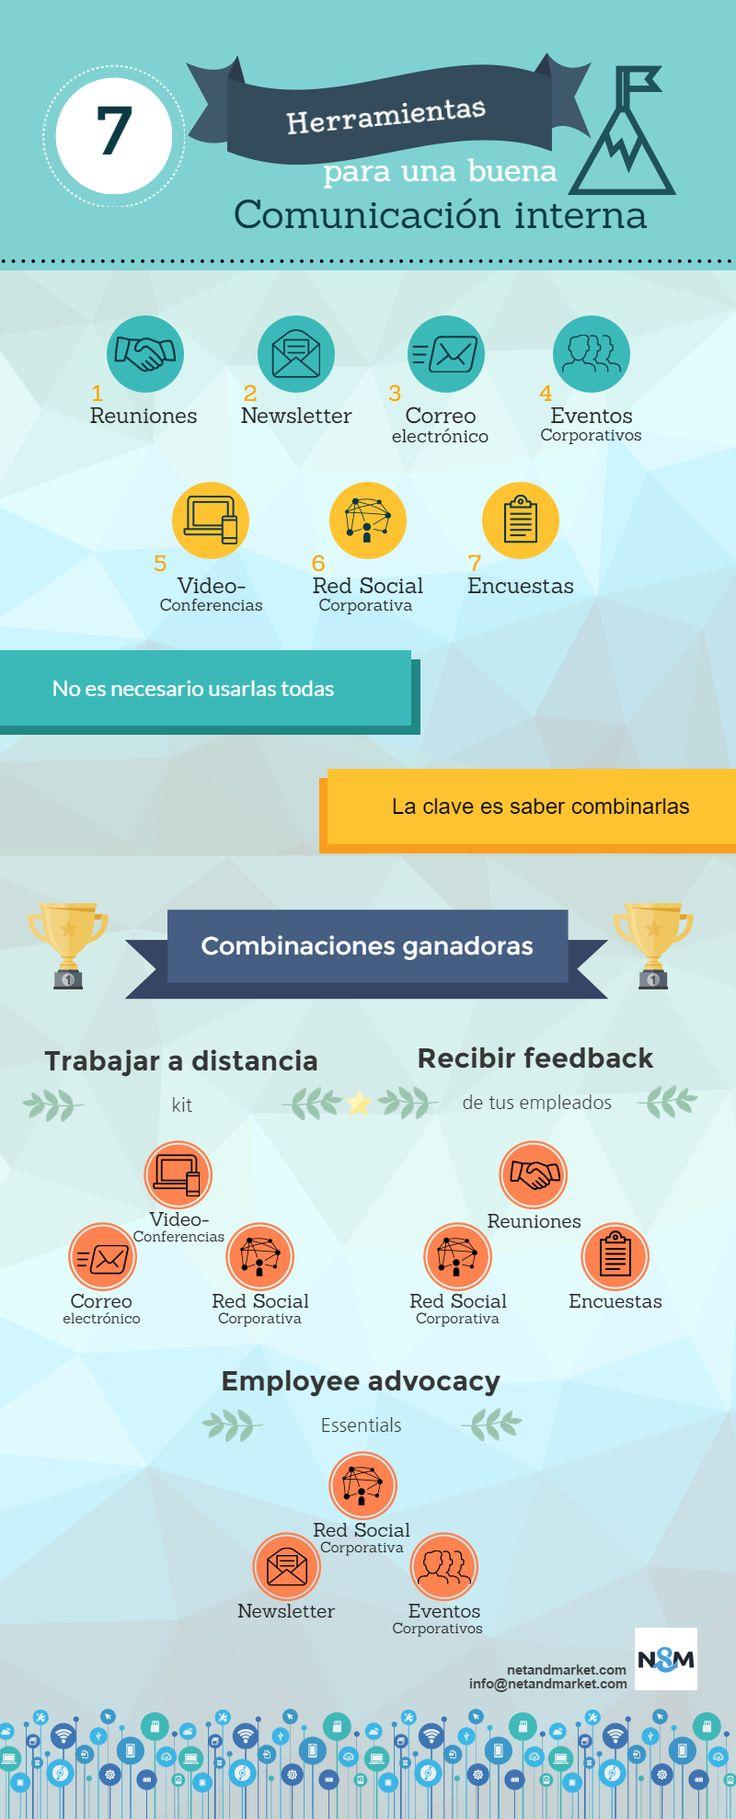 Herramientas de comunicación interna y cómo combinarlas.